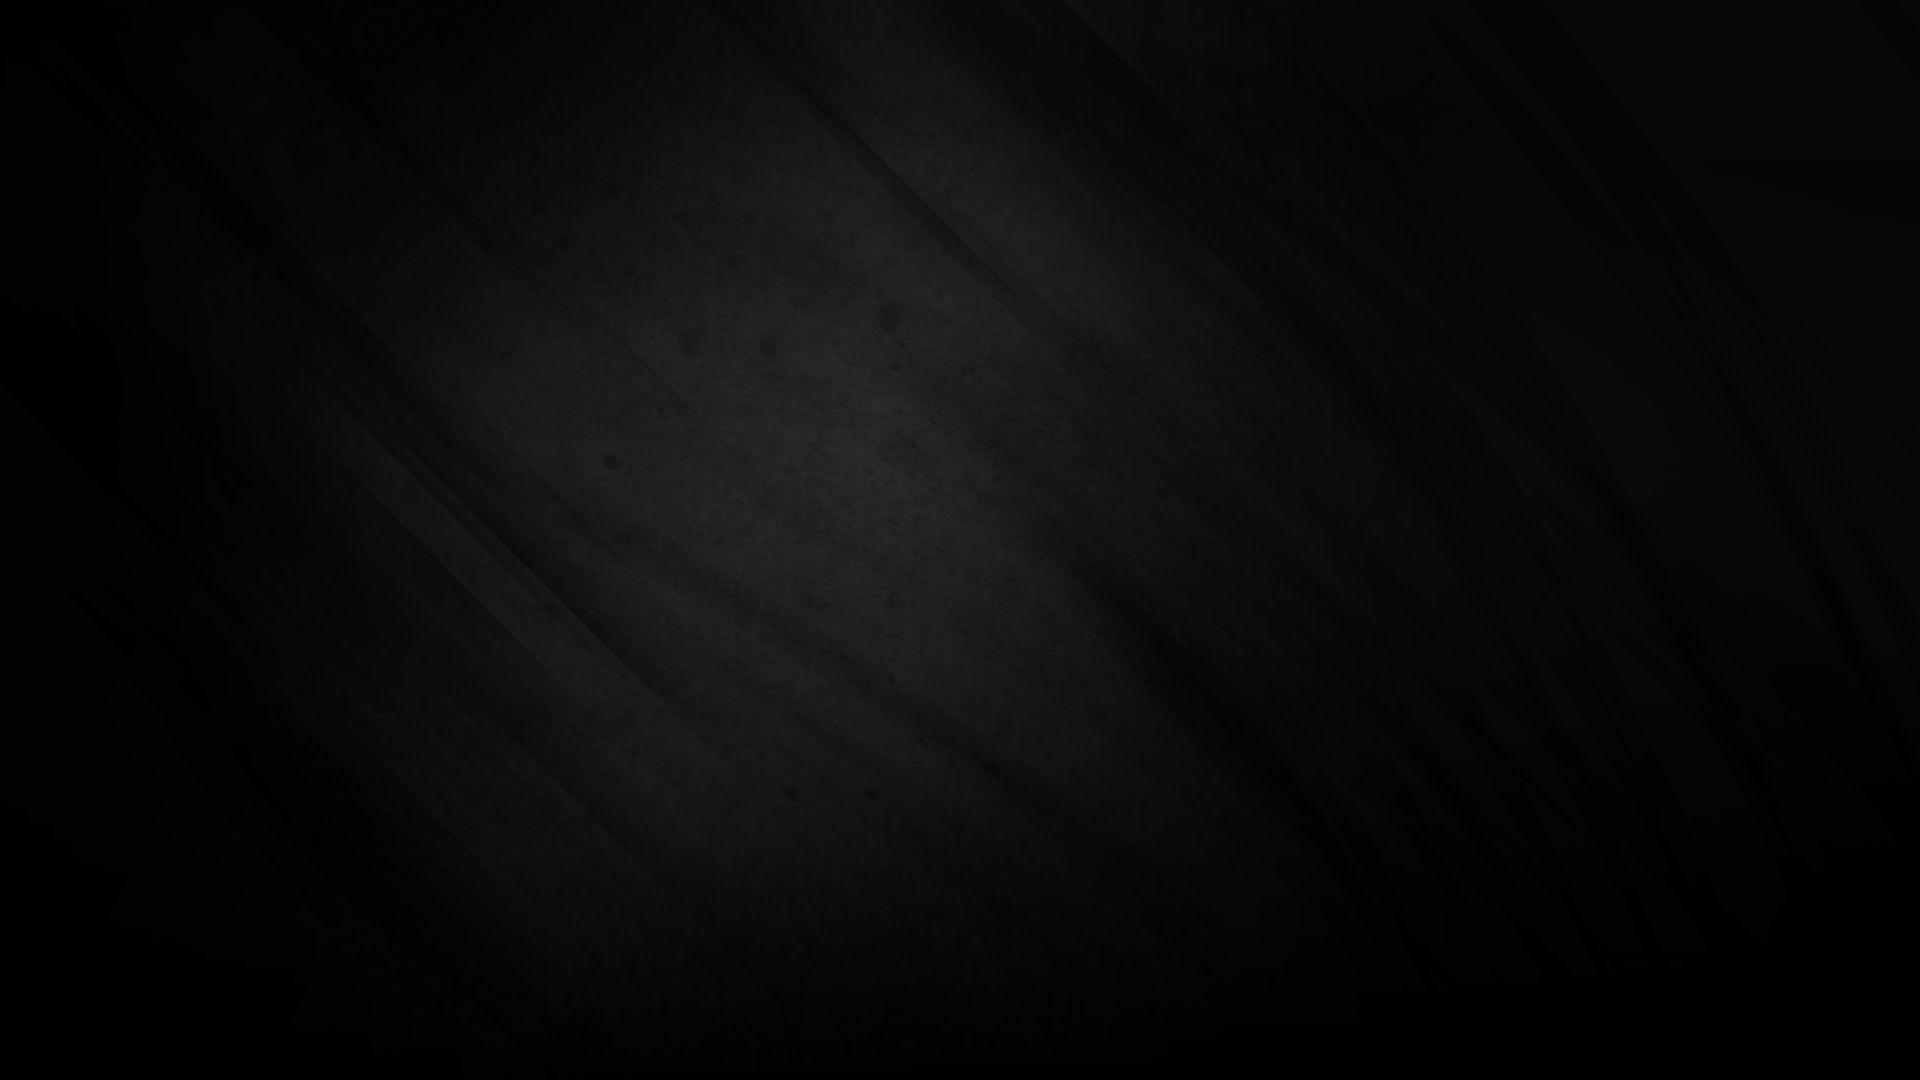 Hình nền đen họa tiết uốn vải